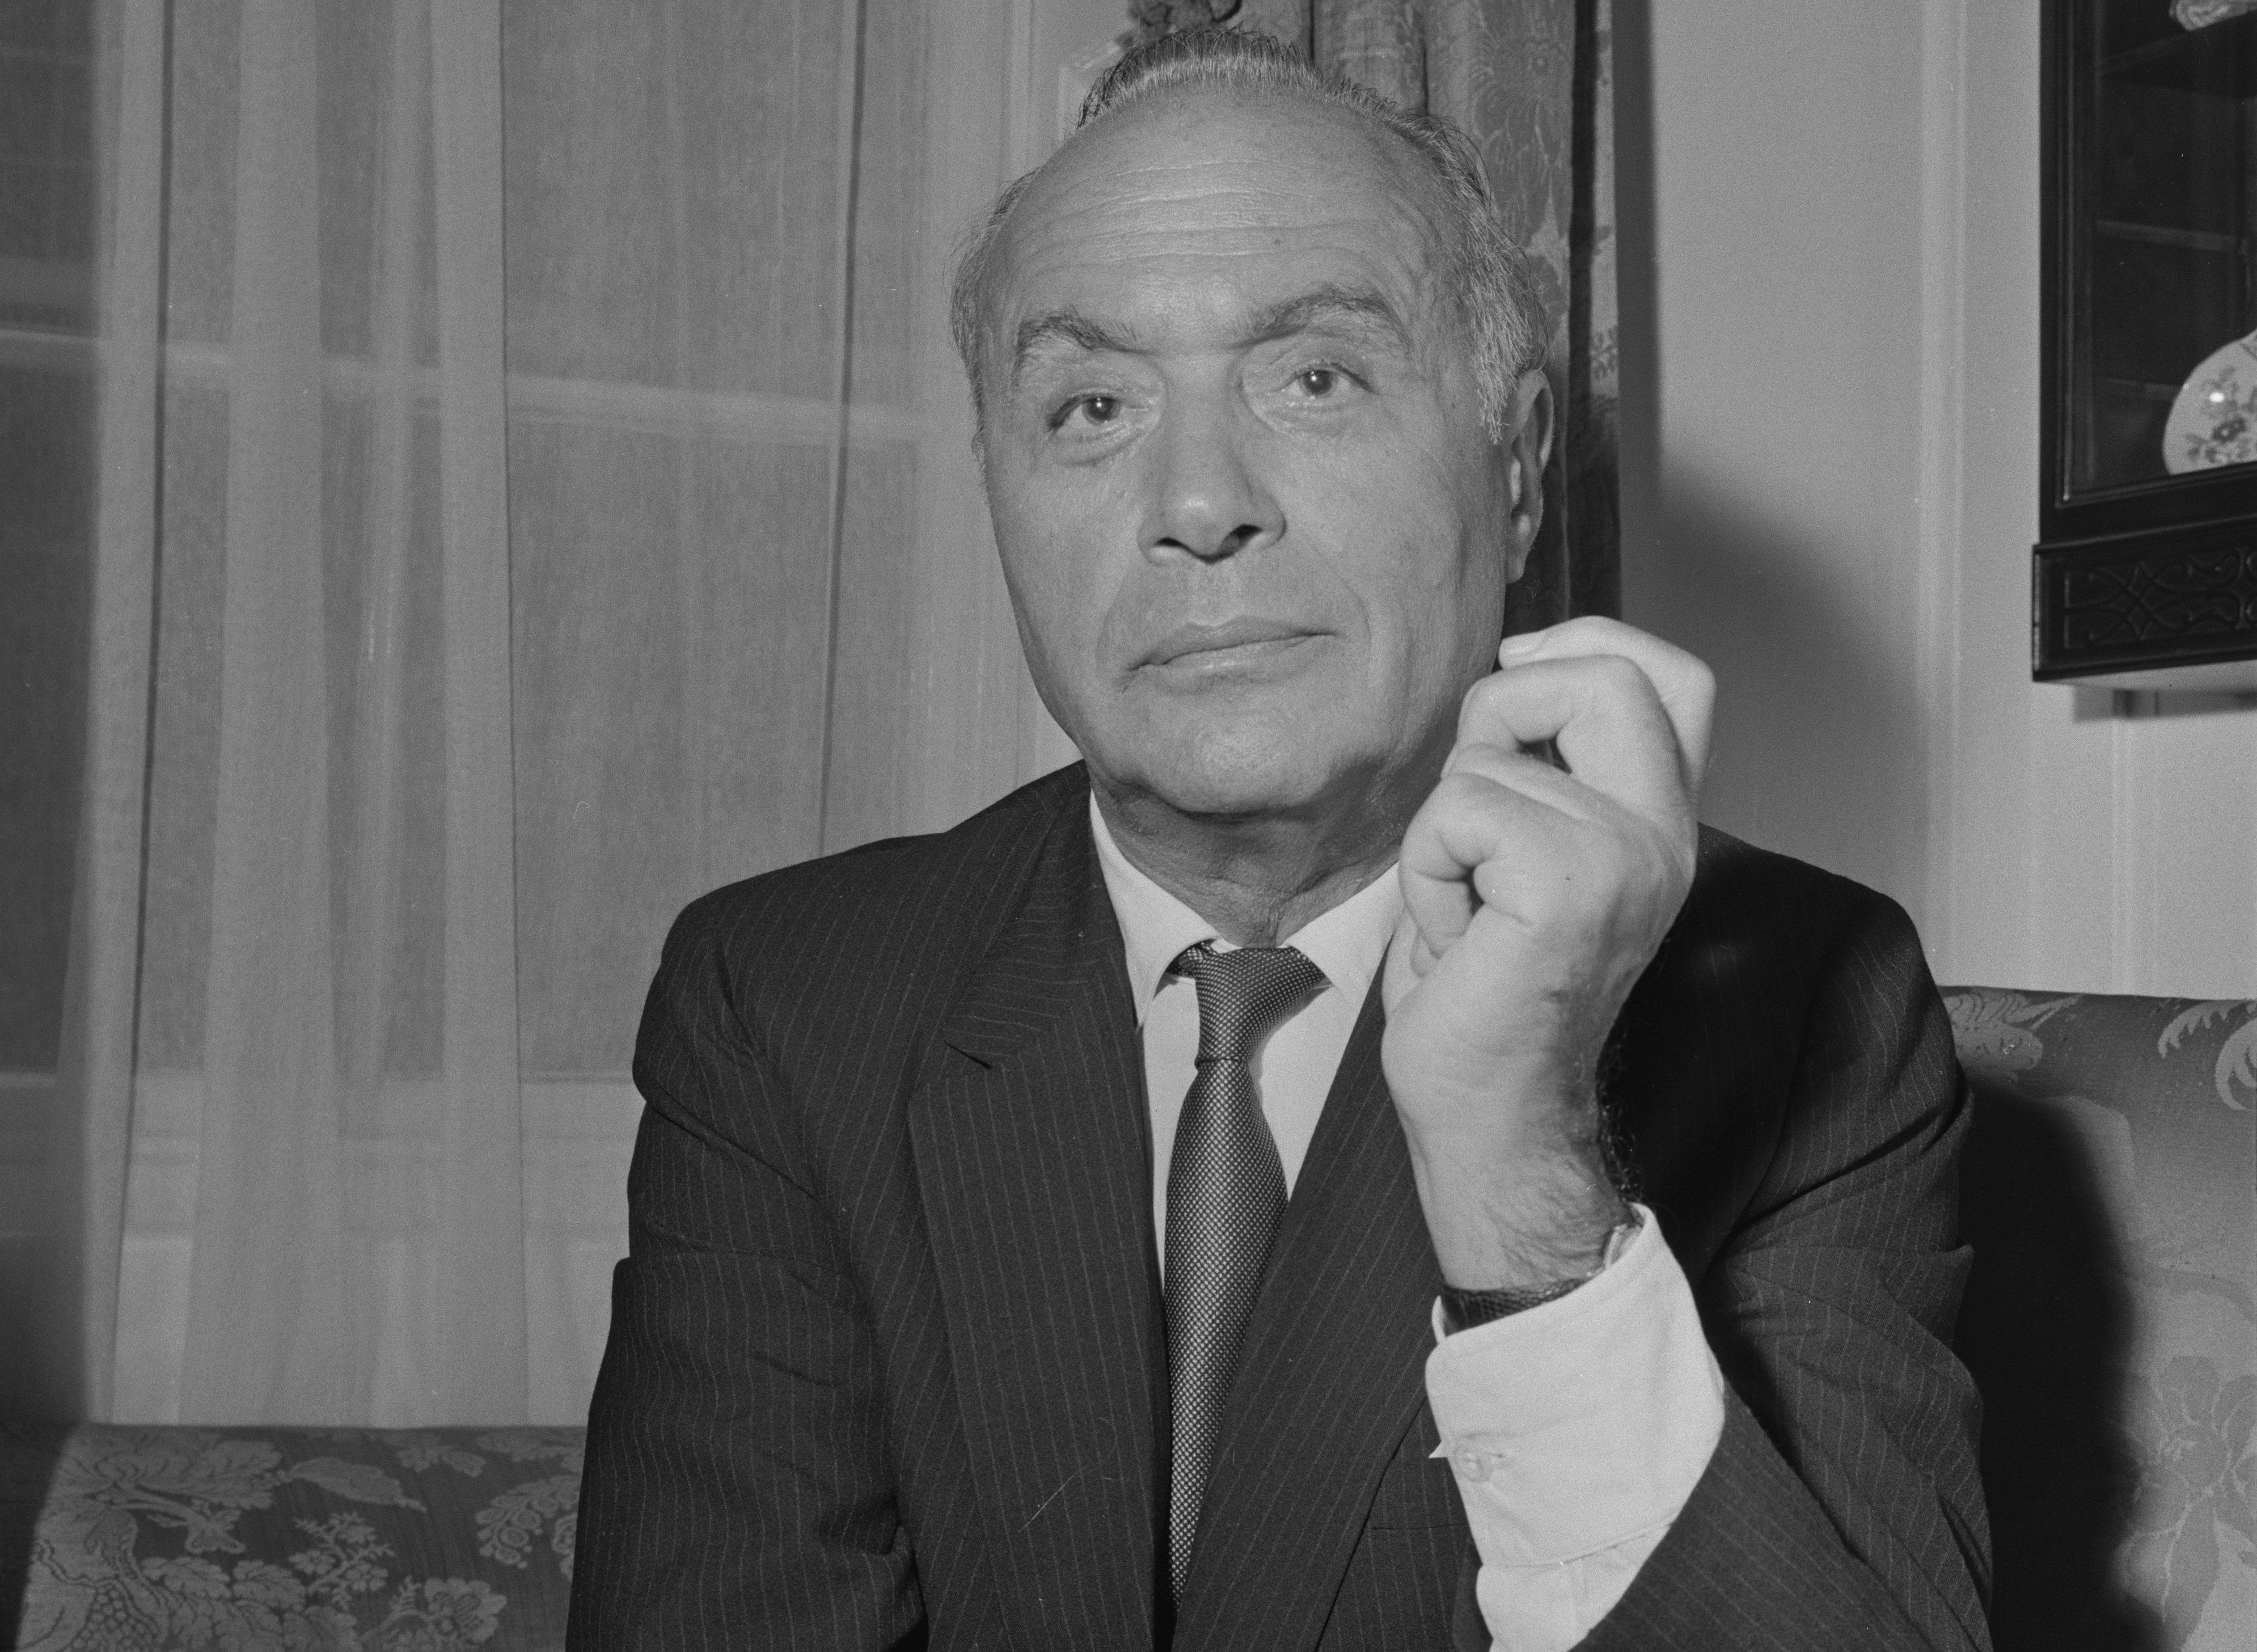 El actor francés Charles Boyer (1899-1978) en Londres, en 1963. || Fuente: Getty Images